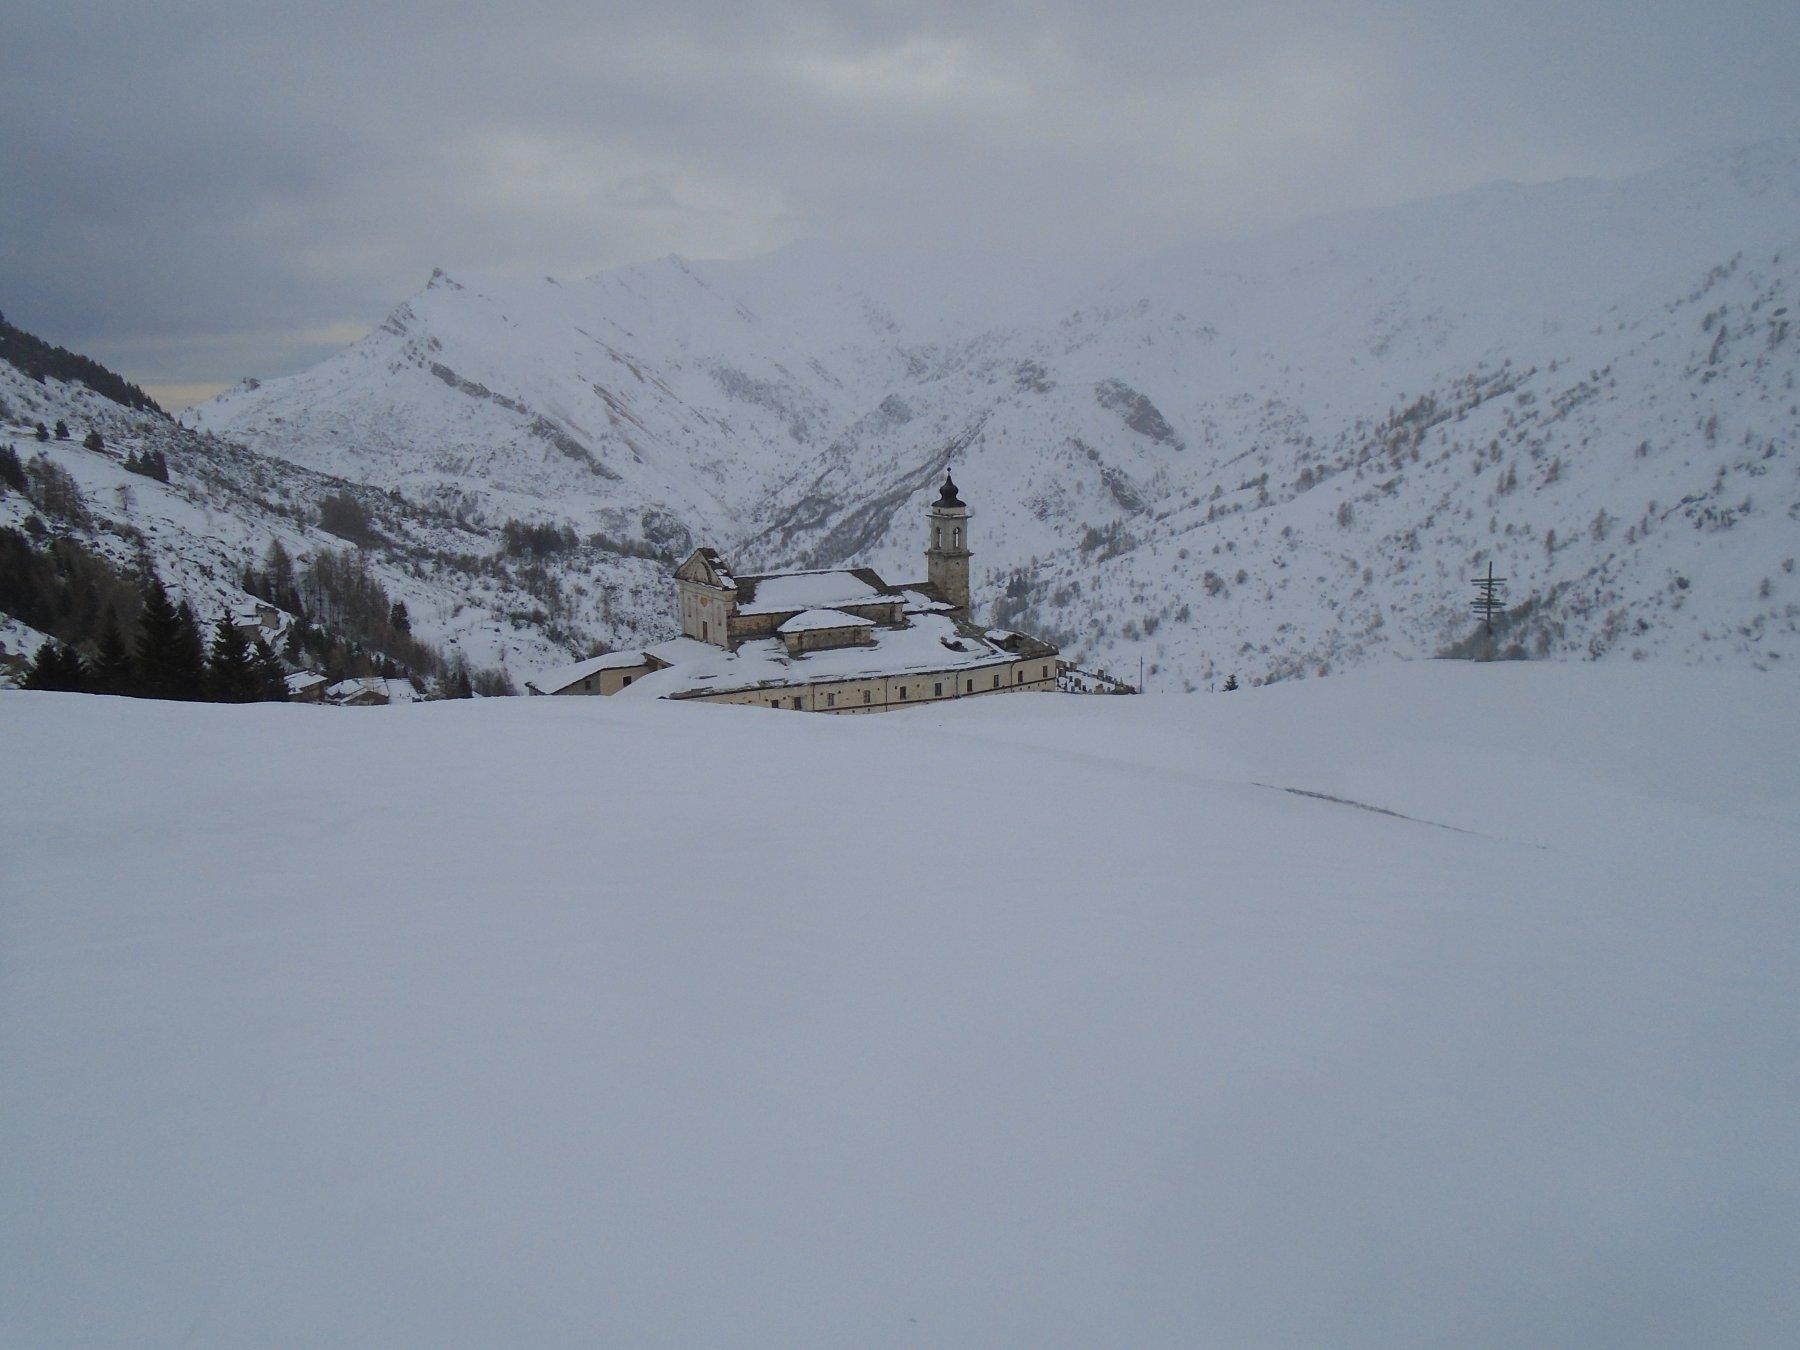 Il tempo peggiora di nuovo arrivando al santuario e inizia a nevicare